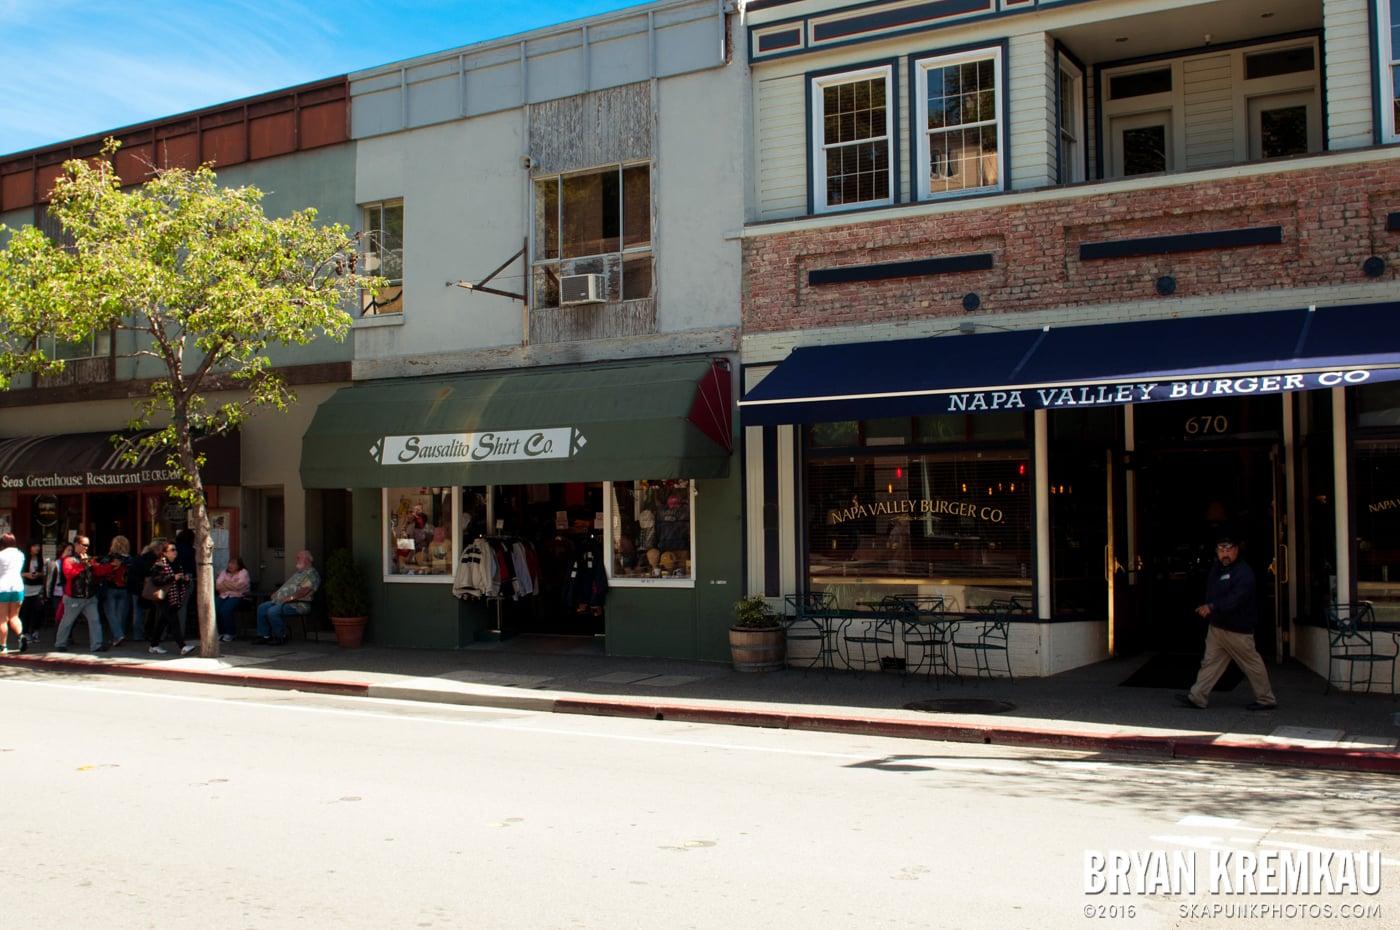 San Francisco Vacation - Day 3 - 4.30.12 (69)